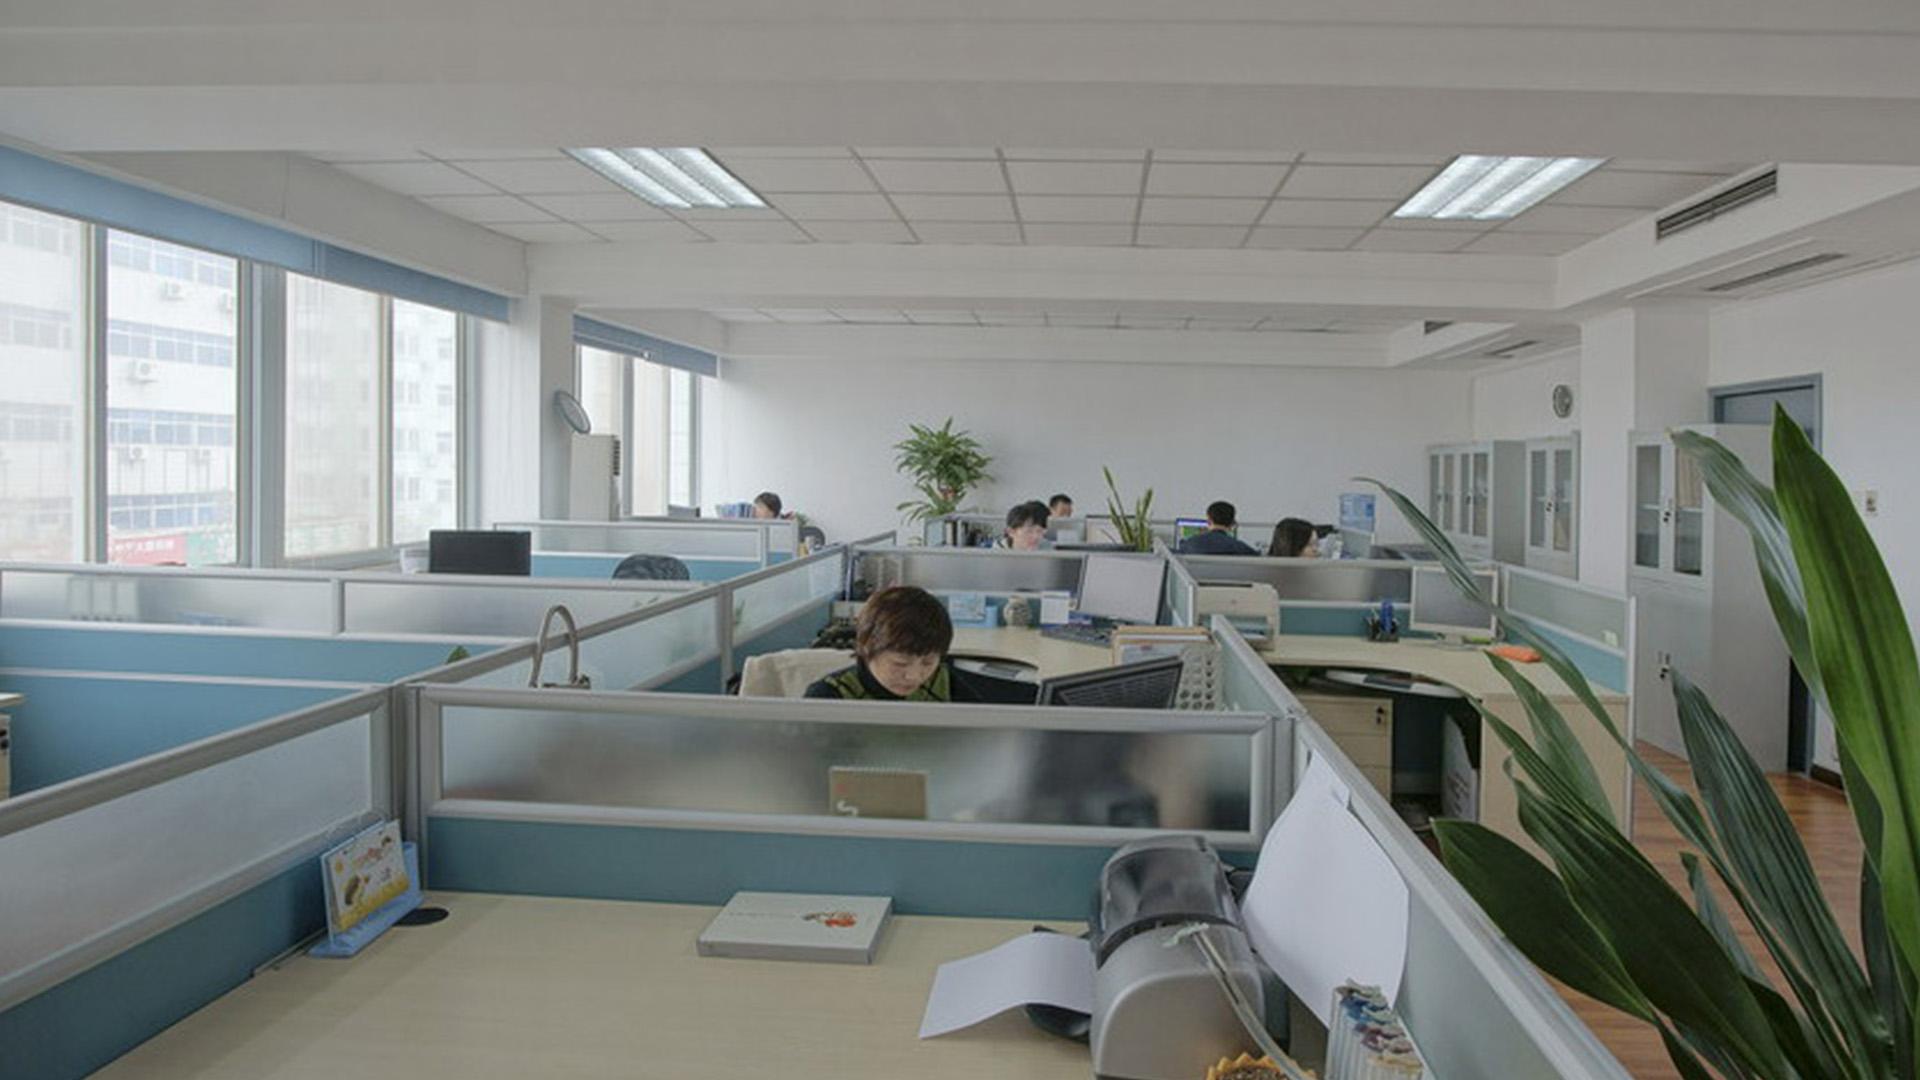 گڈون کا خوبصورت اور کشادہ دفتر